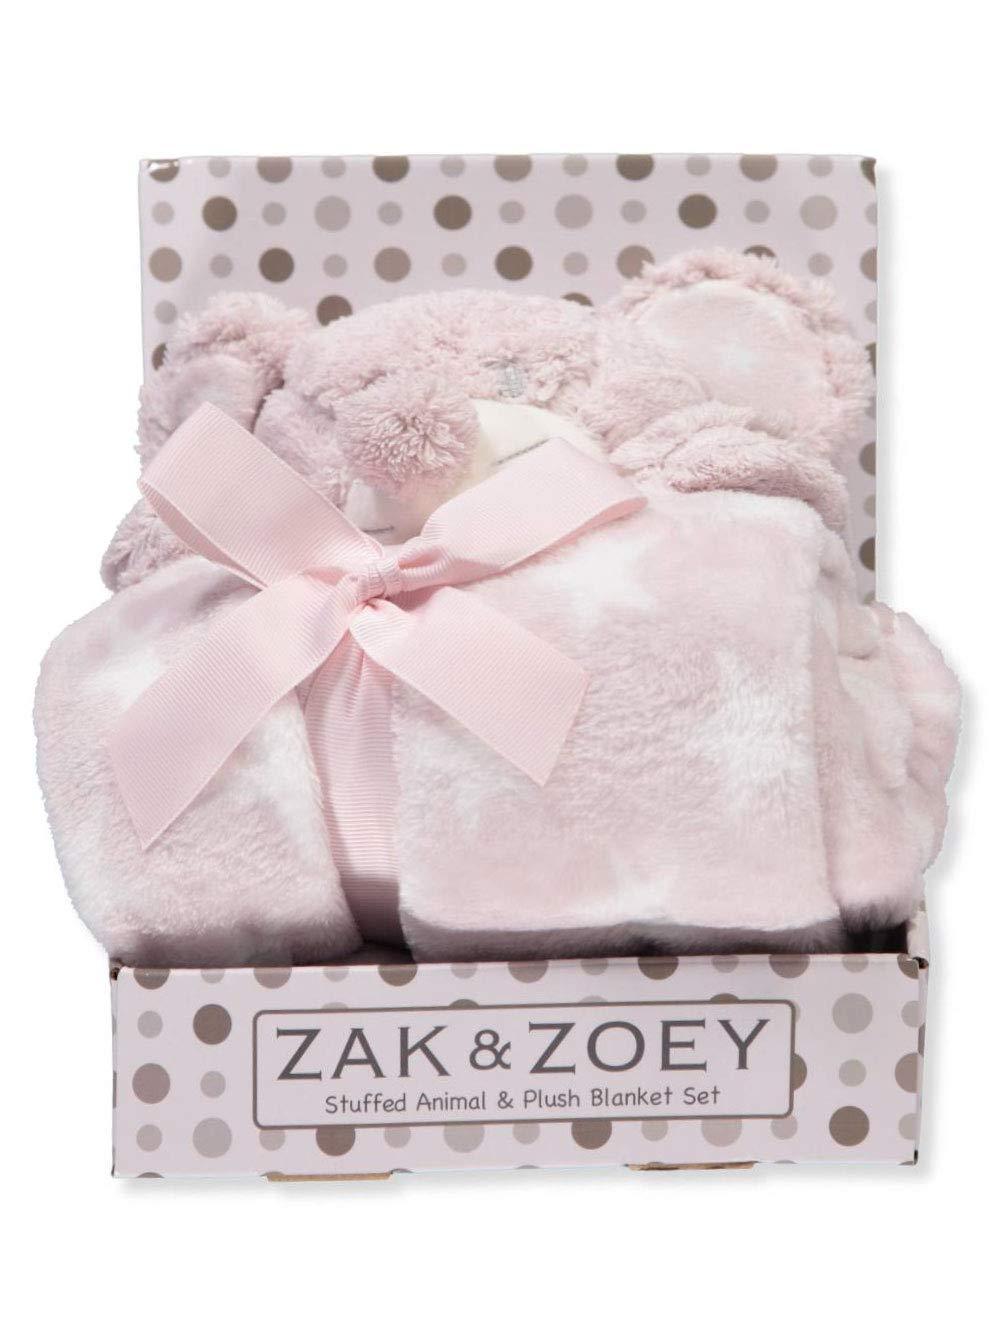 Zak and Zoey 2 Piece Warm Plush 30 X 30 Baby Security Sleep Blanket Stuffed Animal Set Pink Mouse Zac & Zoey AZZZY2011